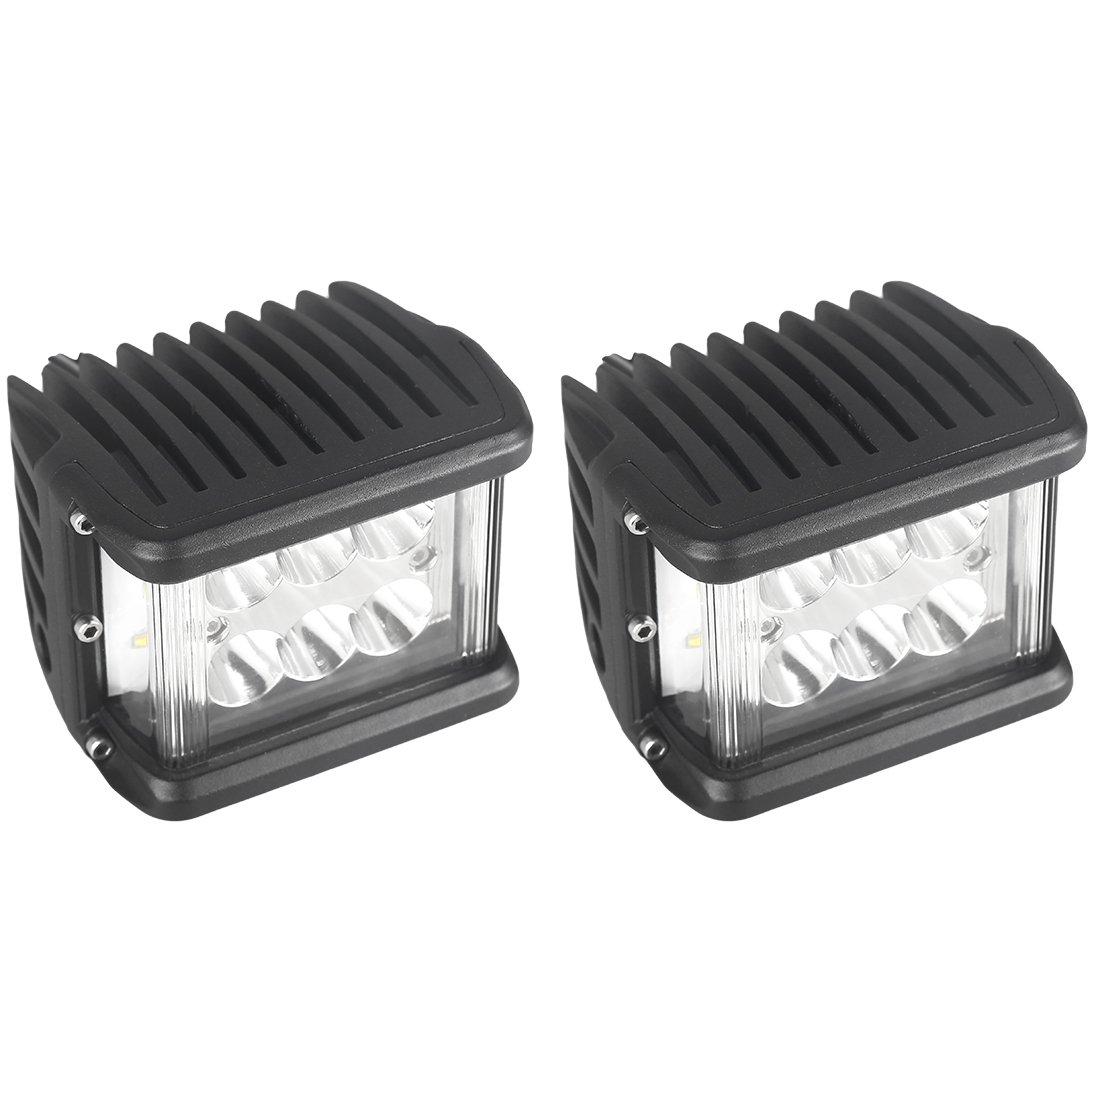 LED Light Bar,4 90w Full Reflector Side Shooter Cube LED Work Light Spot Flood Combo Beam Driving Lamp for Off-road Truck UTV ATV SUV Boat Jeep